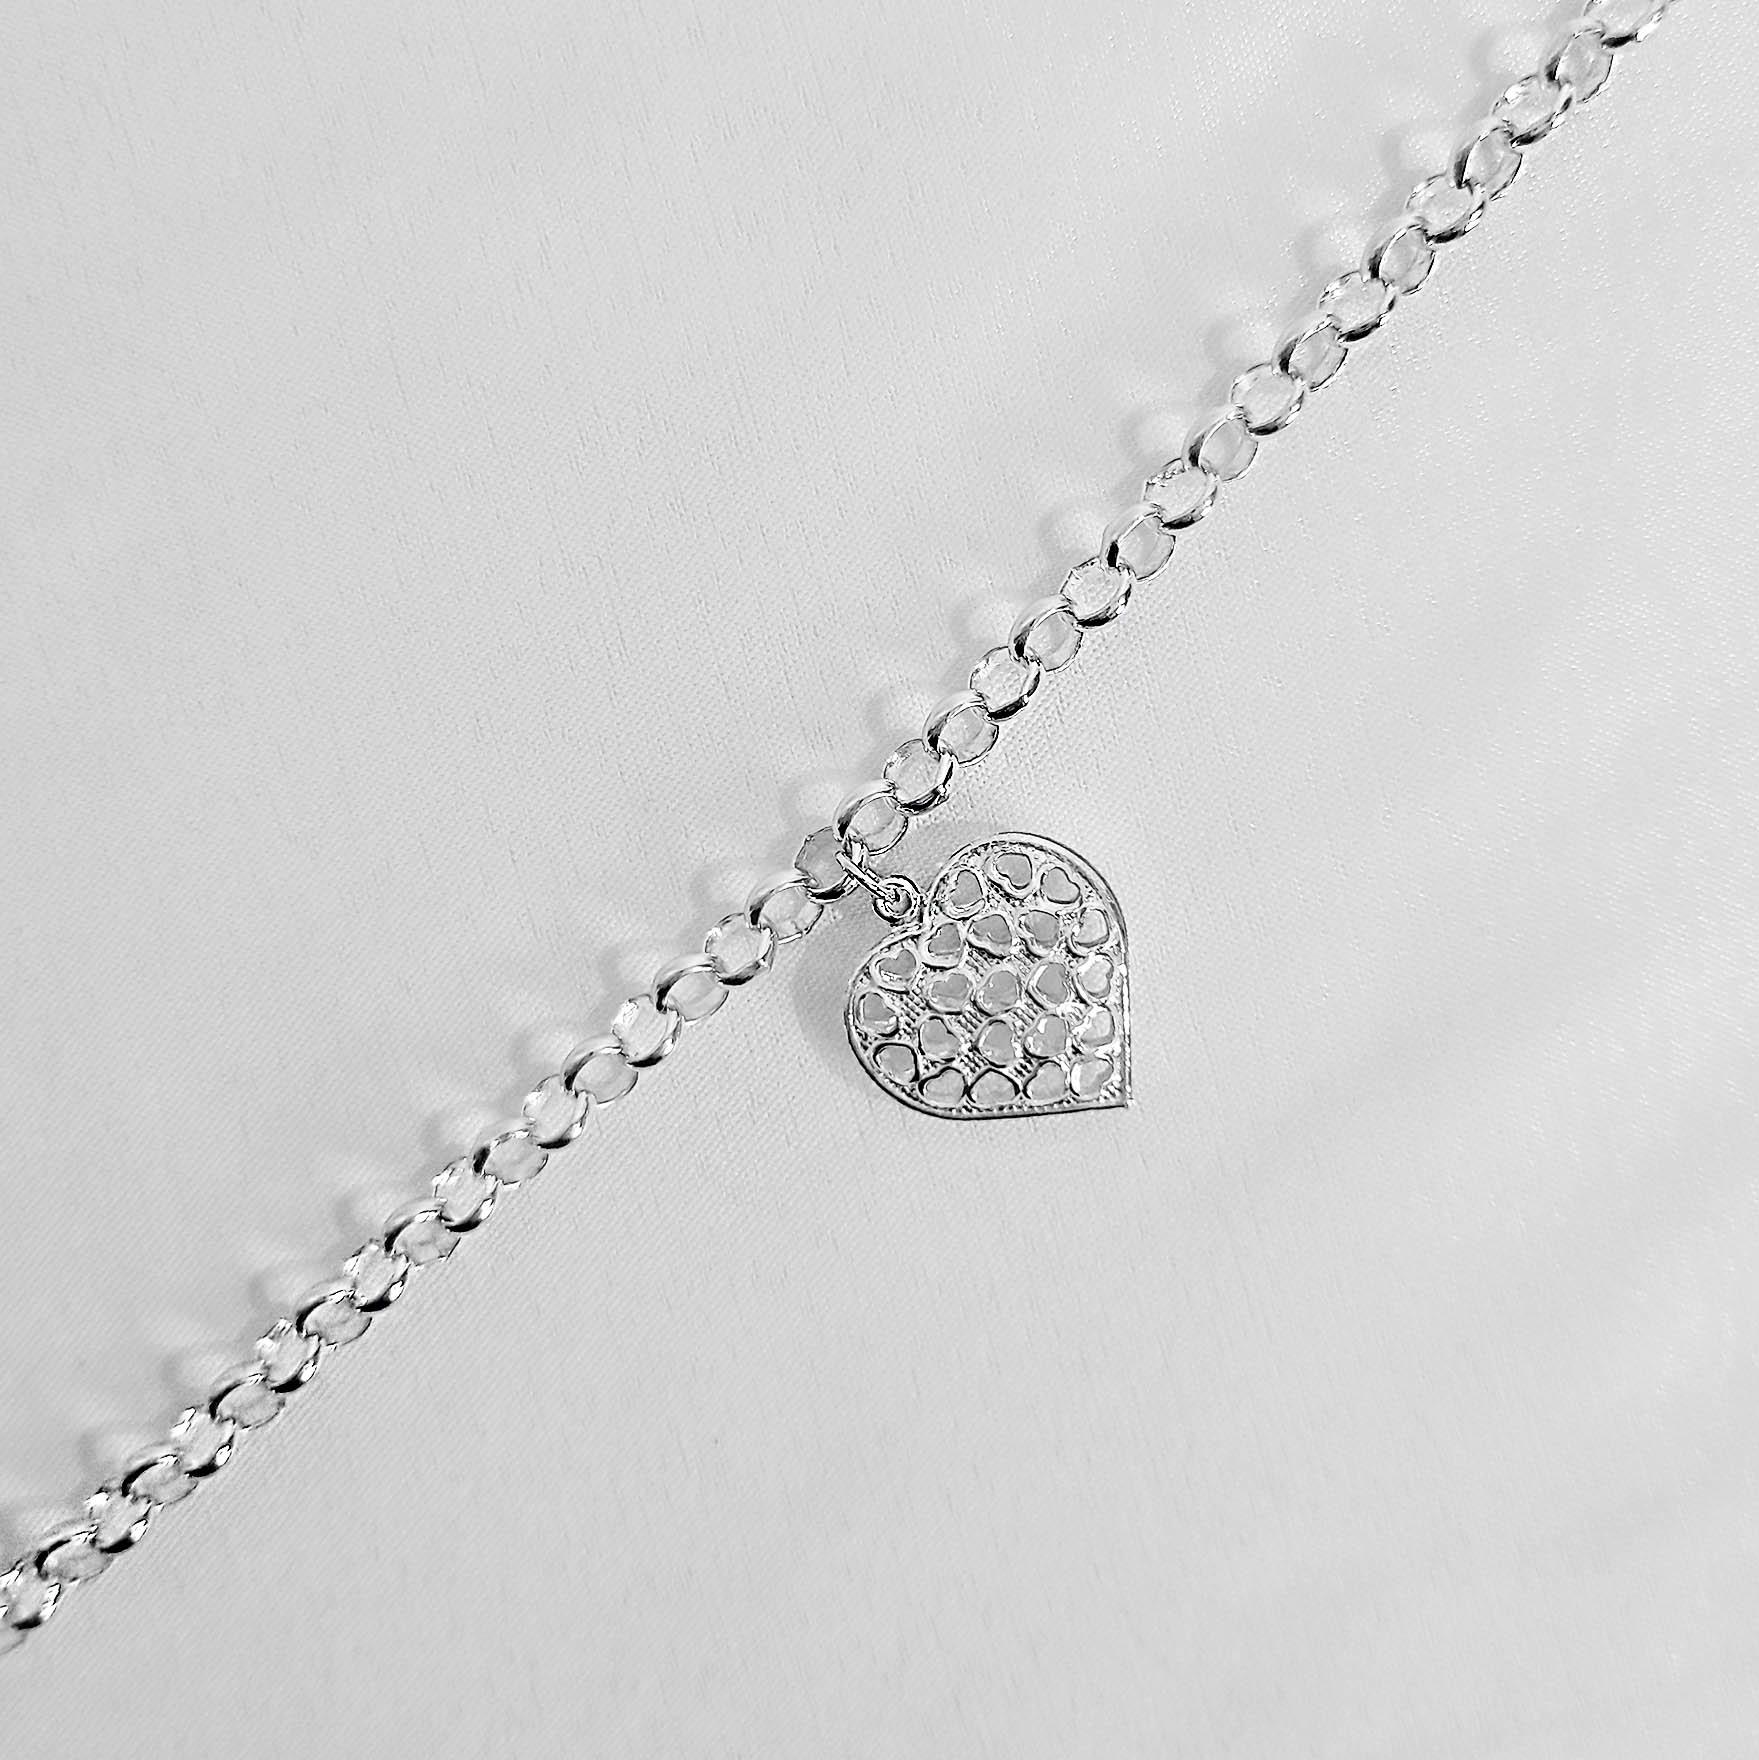 Pulseira Pendente de Coração Vazado Folheada a Prata 1000  - Lunozê Joias